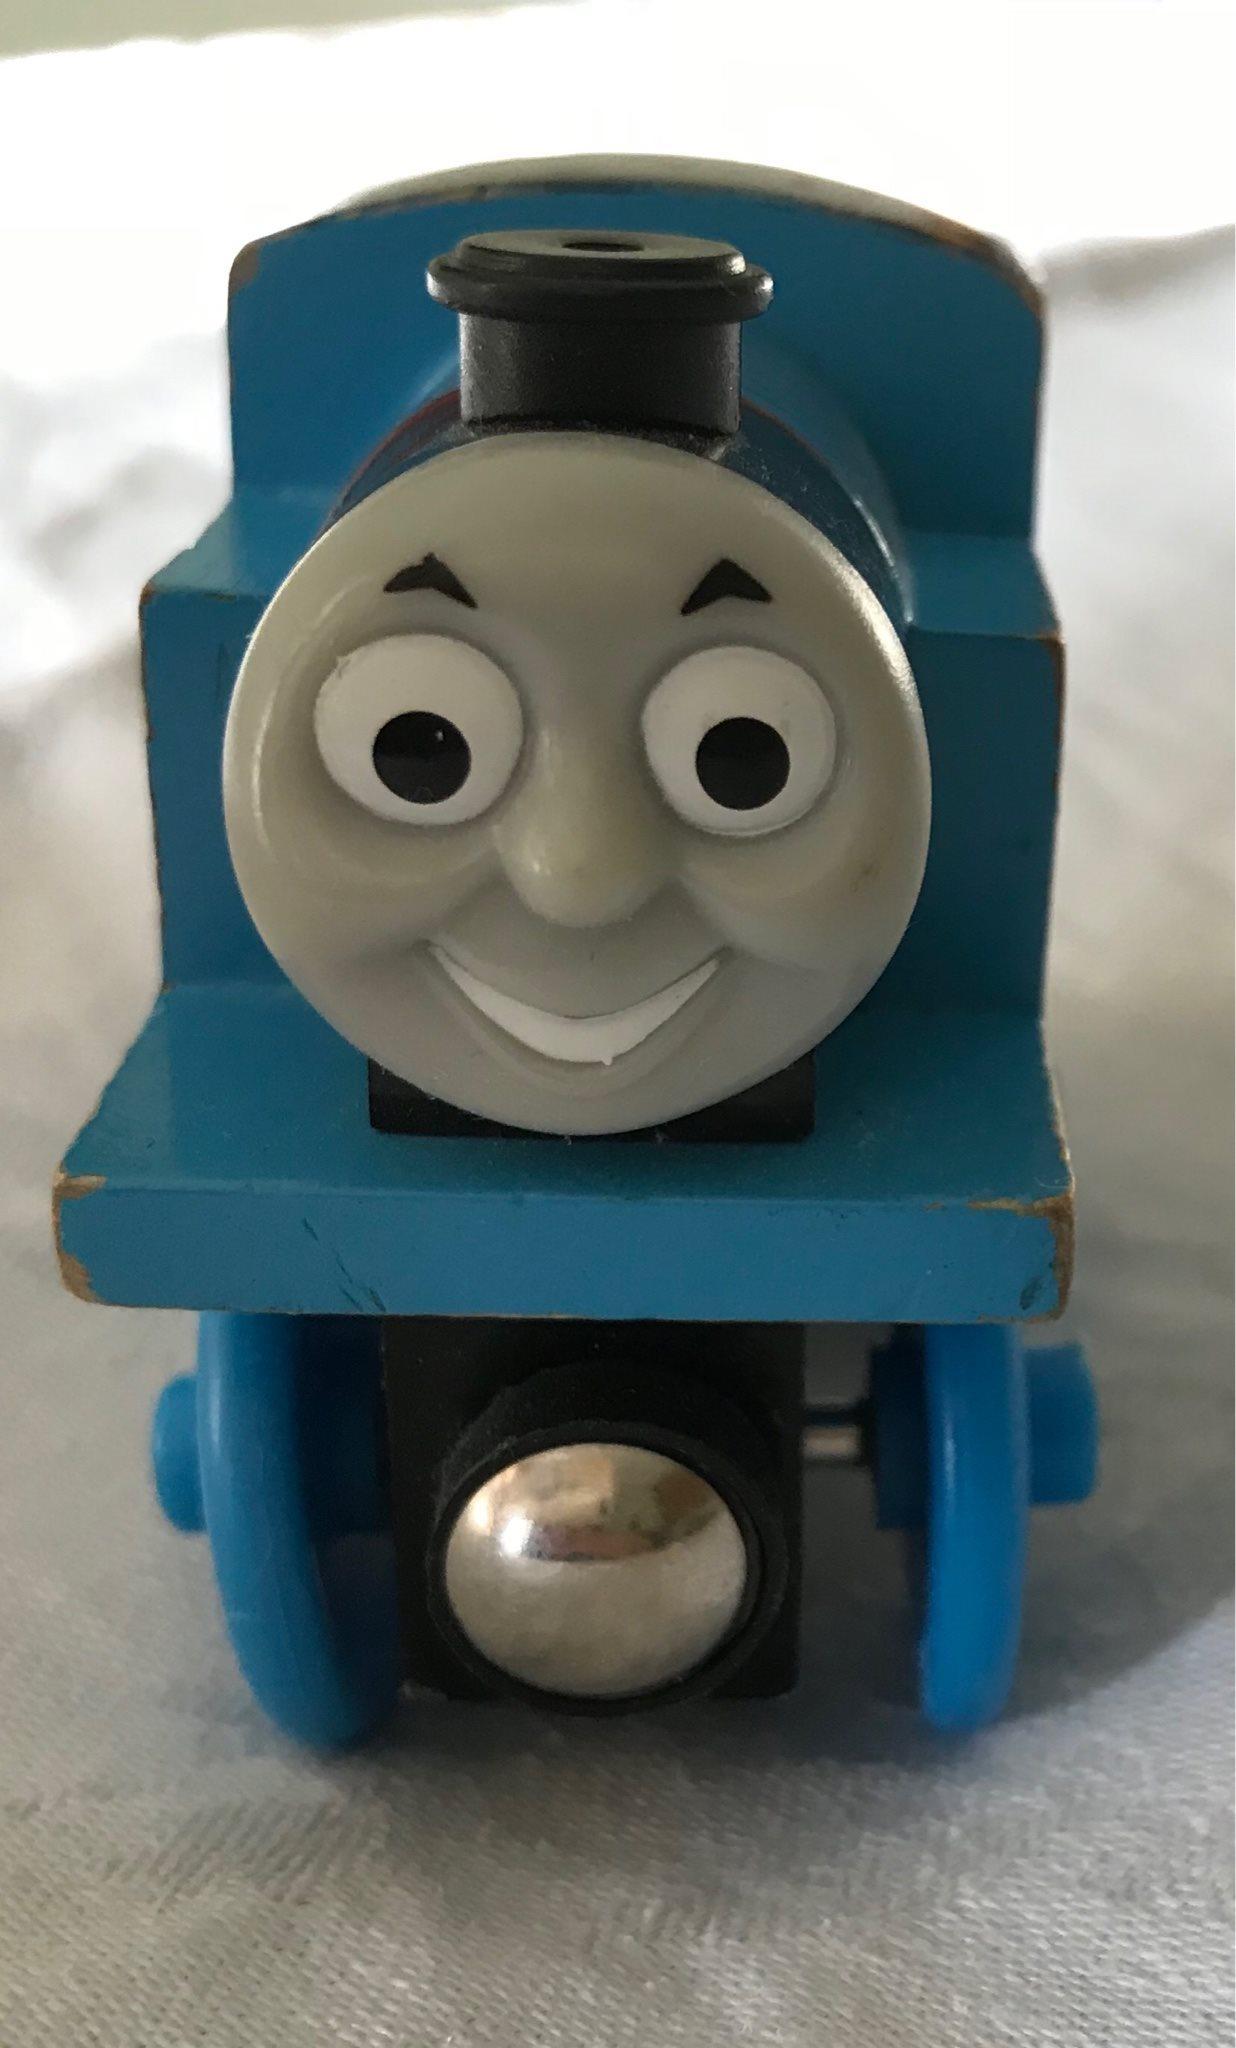 Thomas tåget (329918924) ᐈ Köp på Tradera f90eedbfc35b1